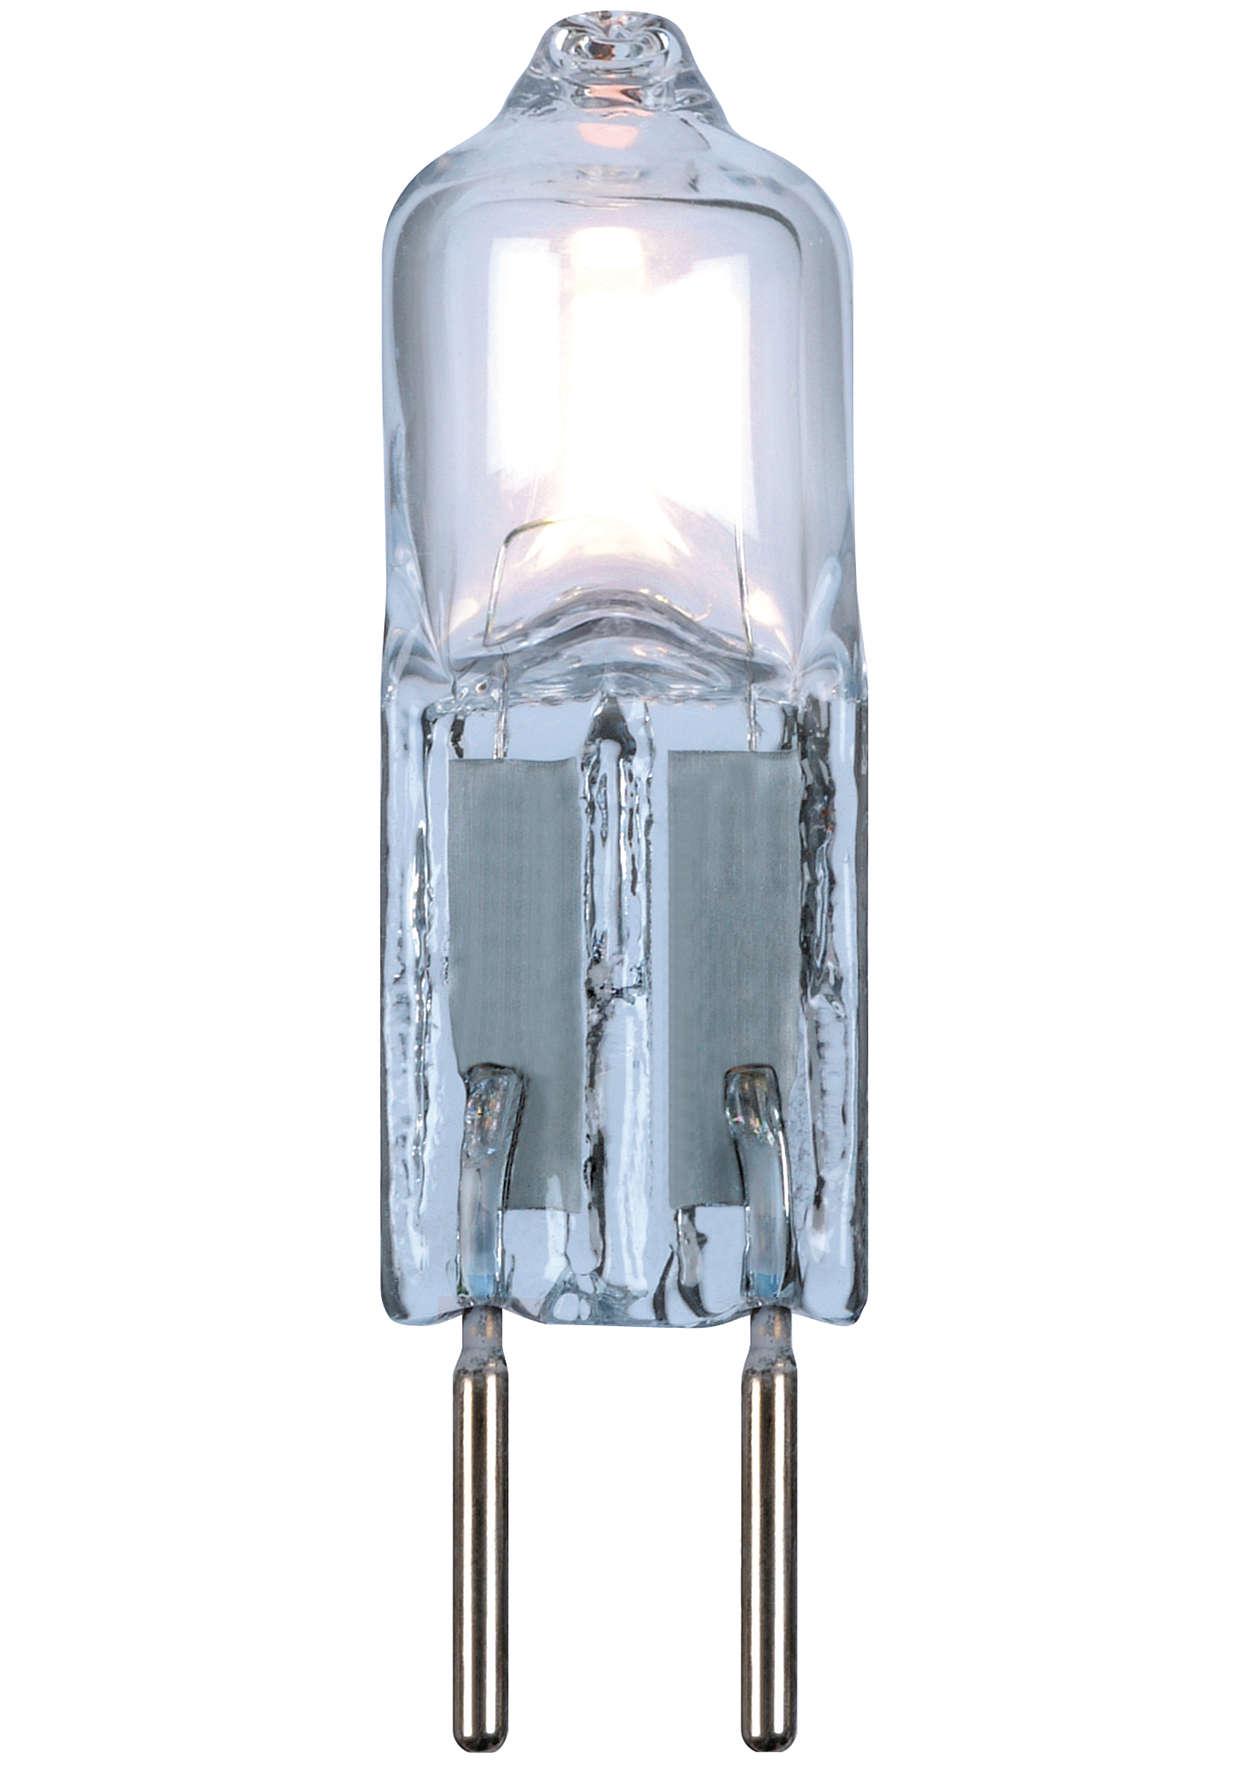 Standartinė halogeninė šviesa